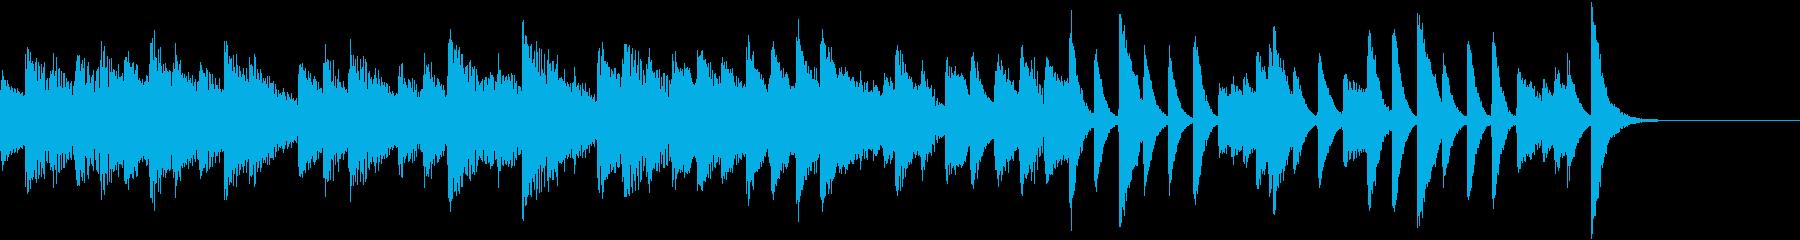 クラシカル&ロマンチックなピアノジングルの再生済みの波形